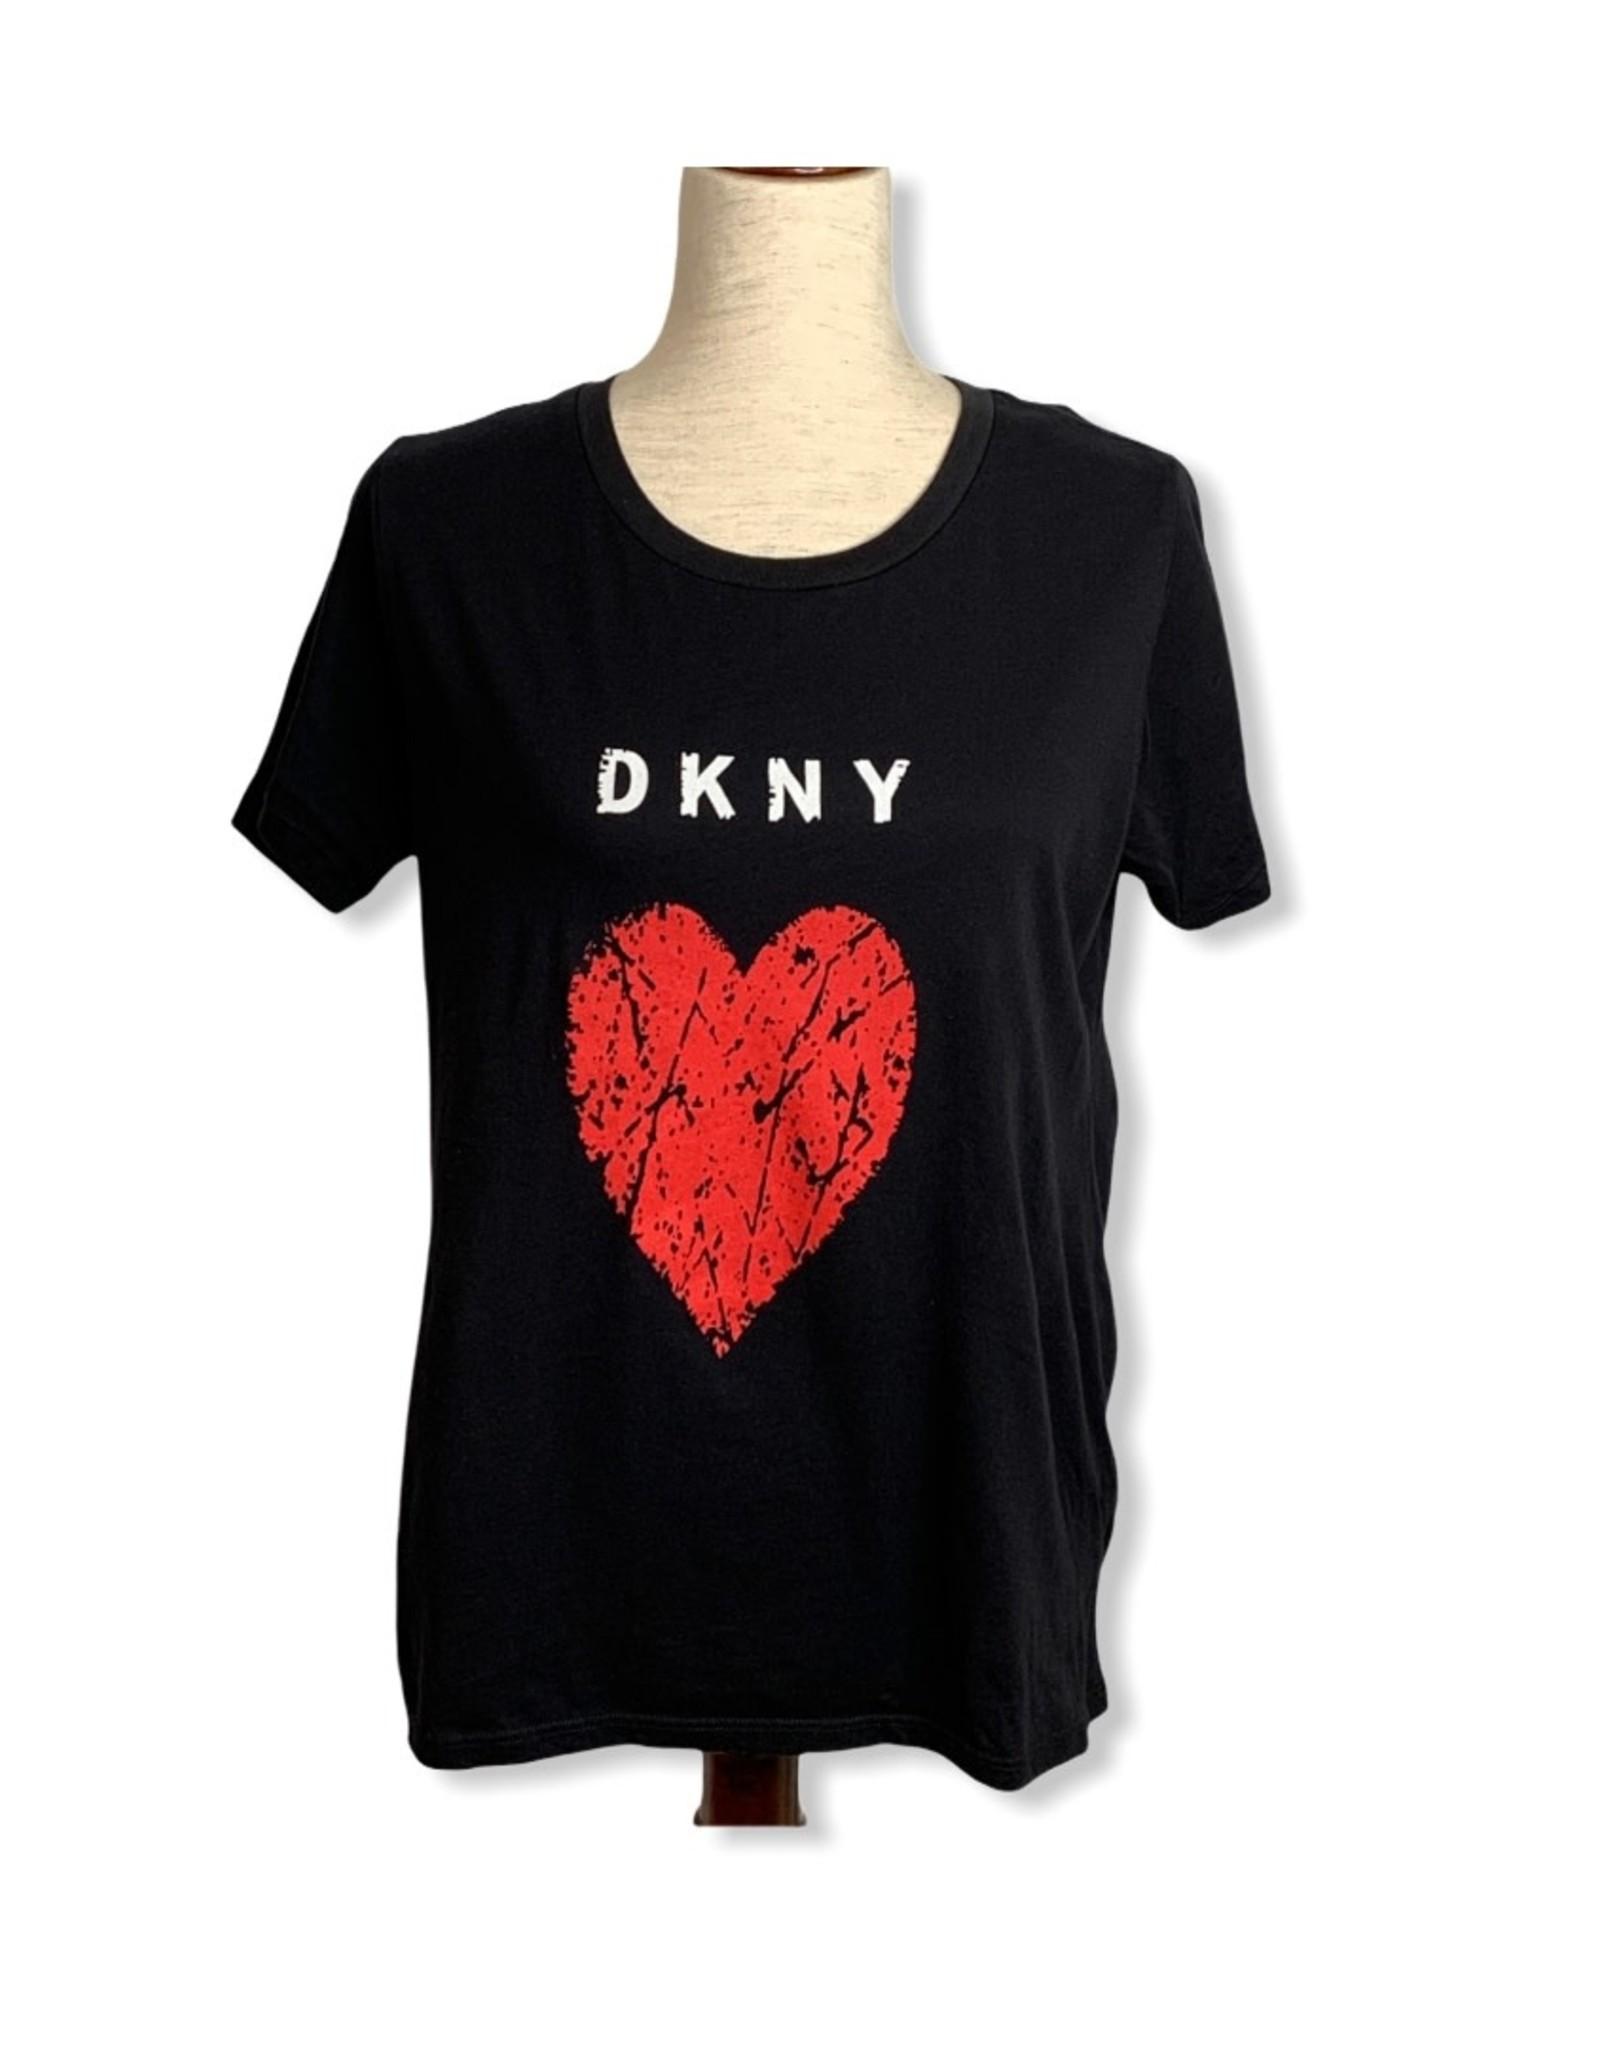 DKNY DKNY  Crackle Heart Logo Tee